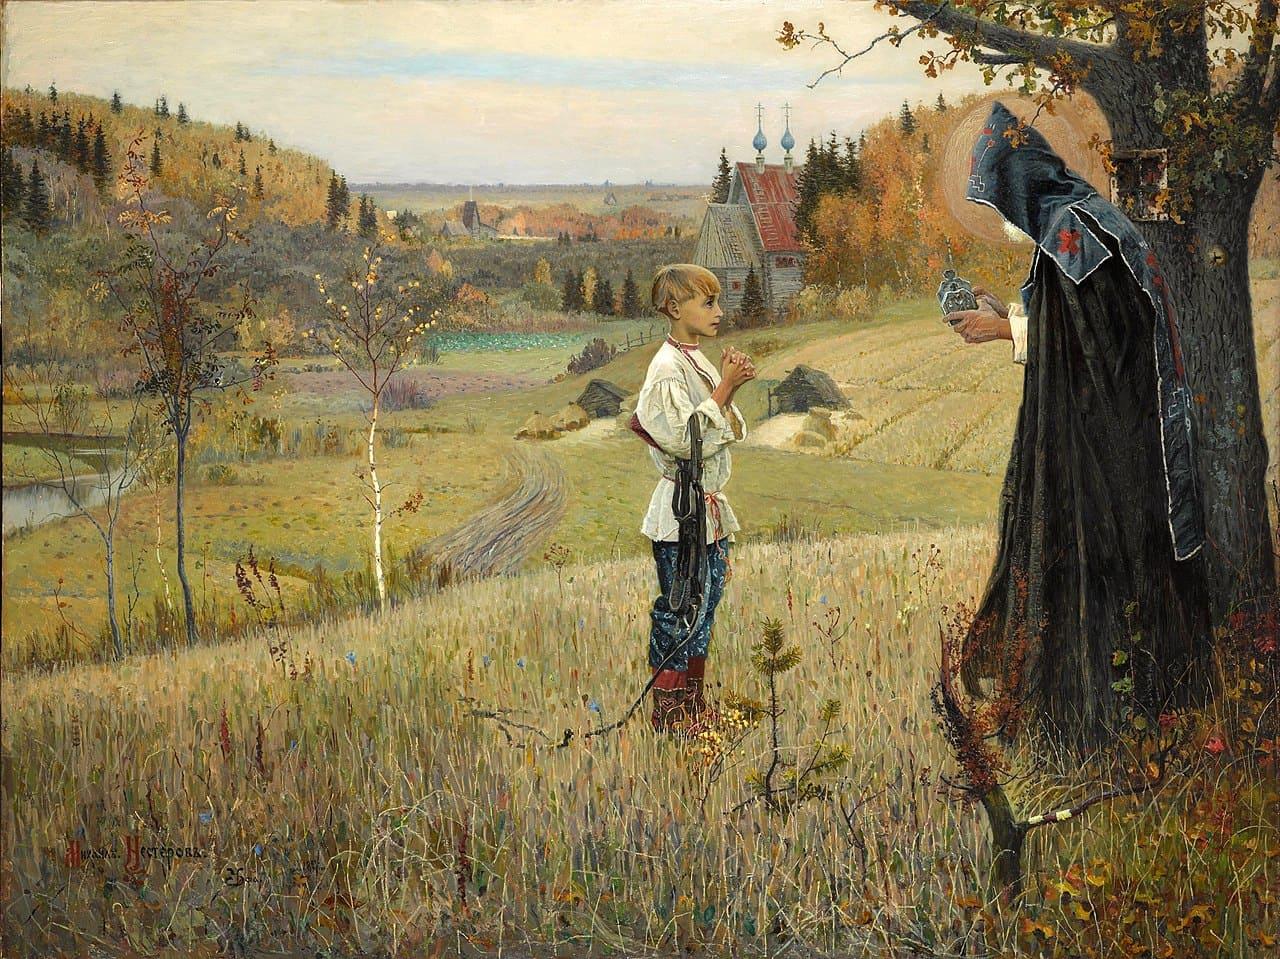 Художник Михаил Васильевич Нестеров (1862 — 1942). Душа народа